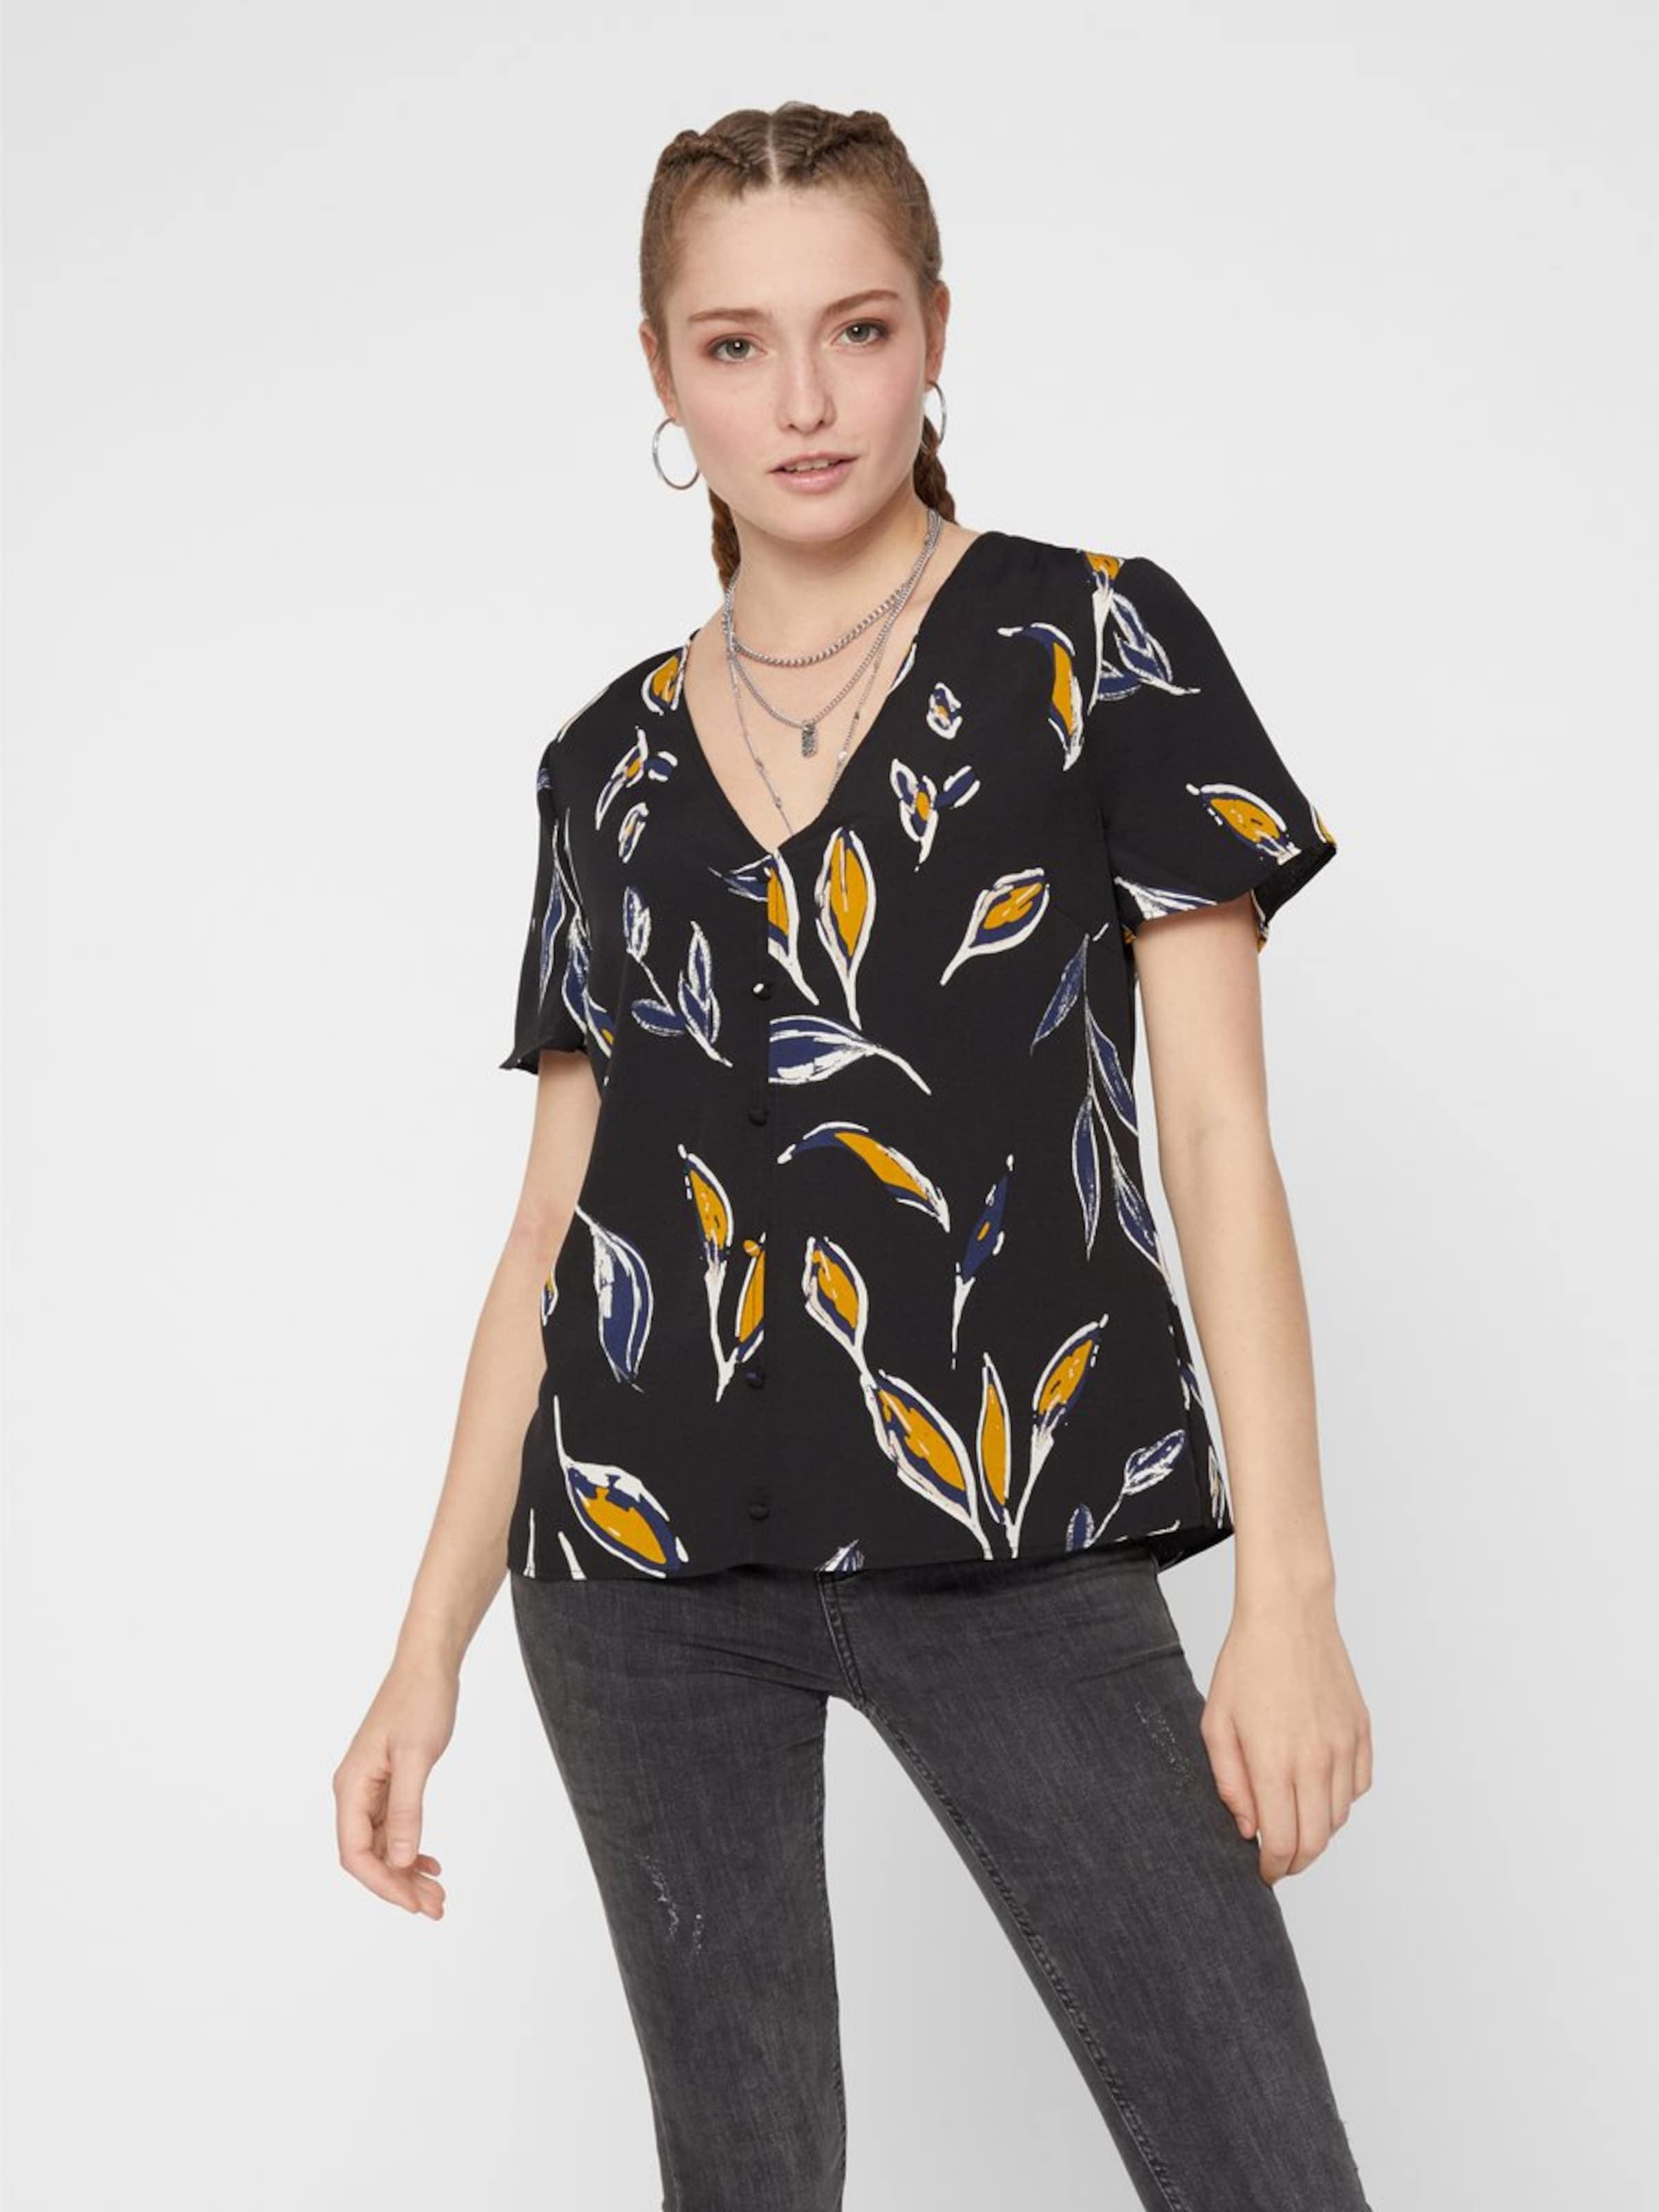 Pieces En Pieces Noir shirt shirt En Noir En shirt Pieces T T T dBrxsQtCh